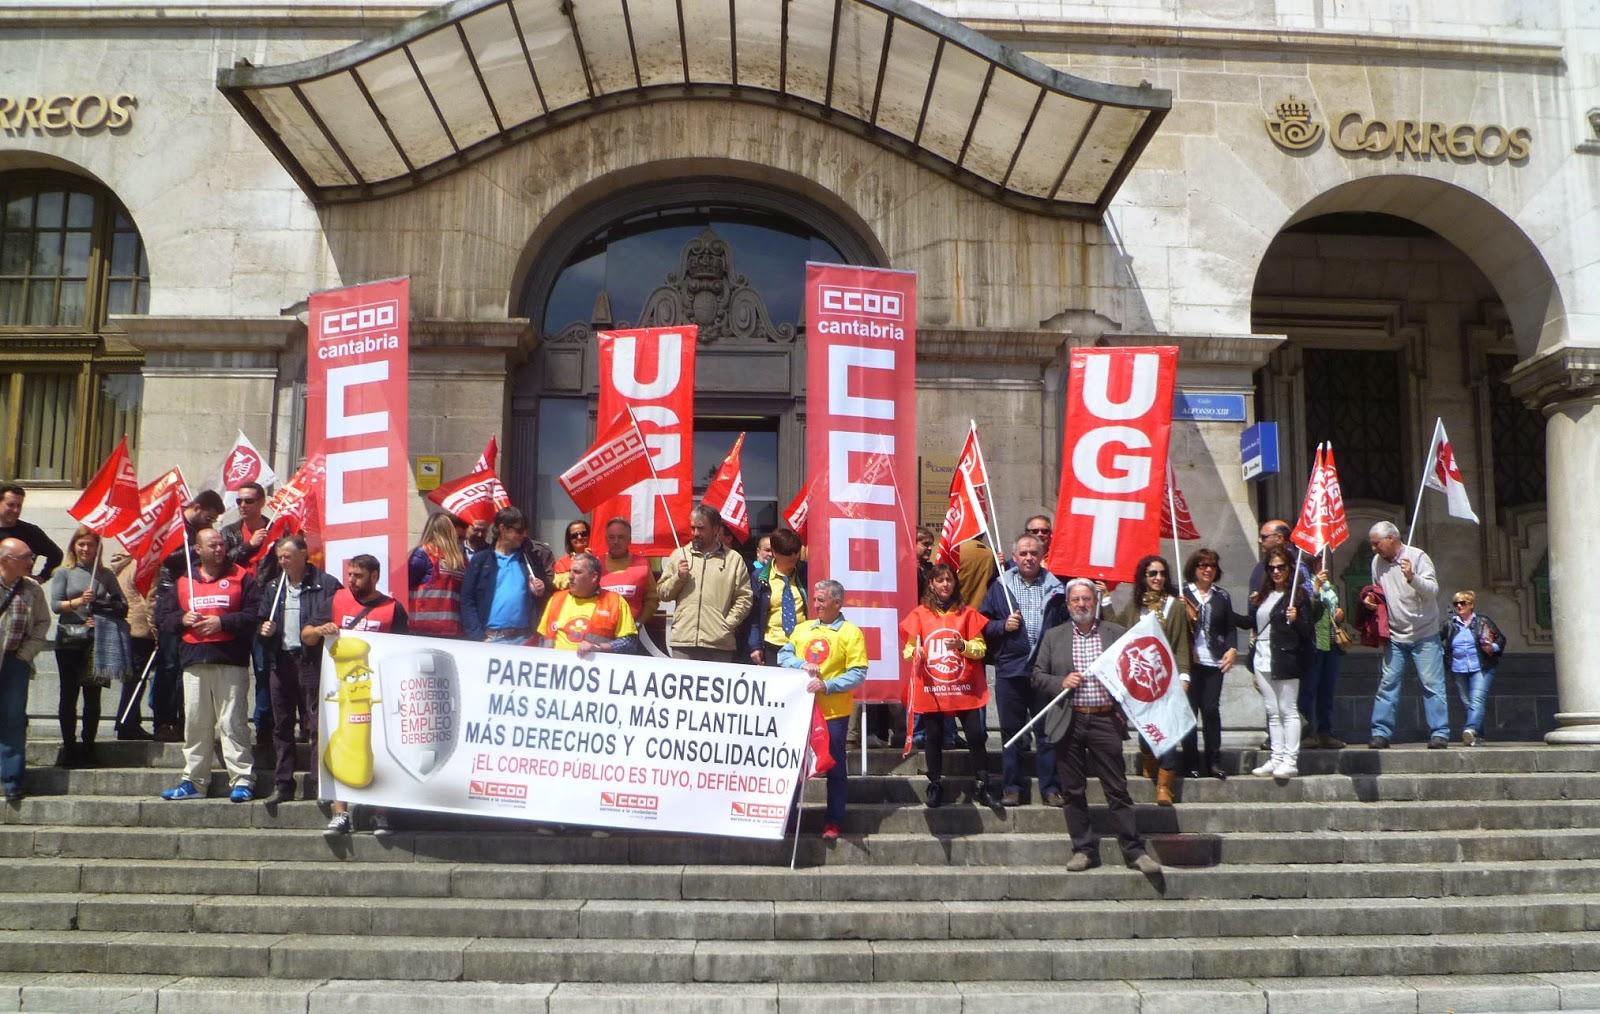 Torrelavega, cruce de caminos: Santander: Un 87% de los trabajadores ...